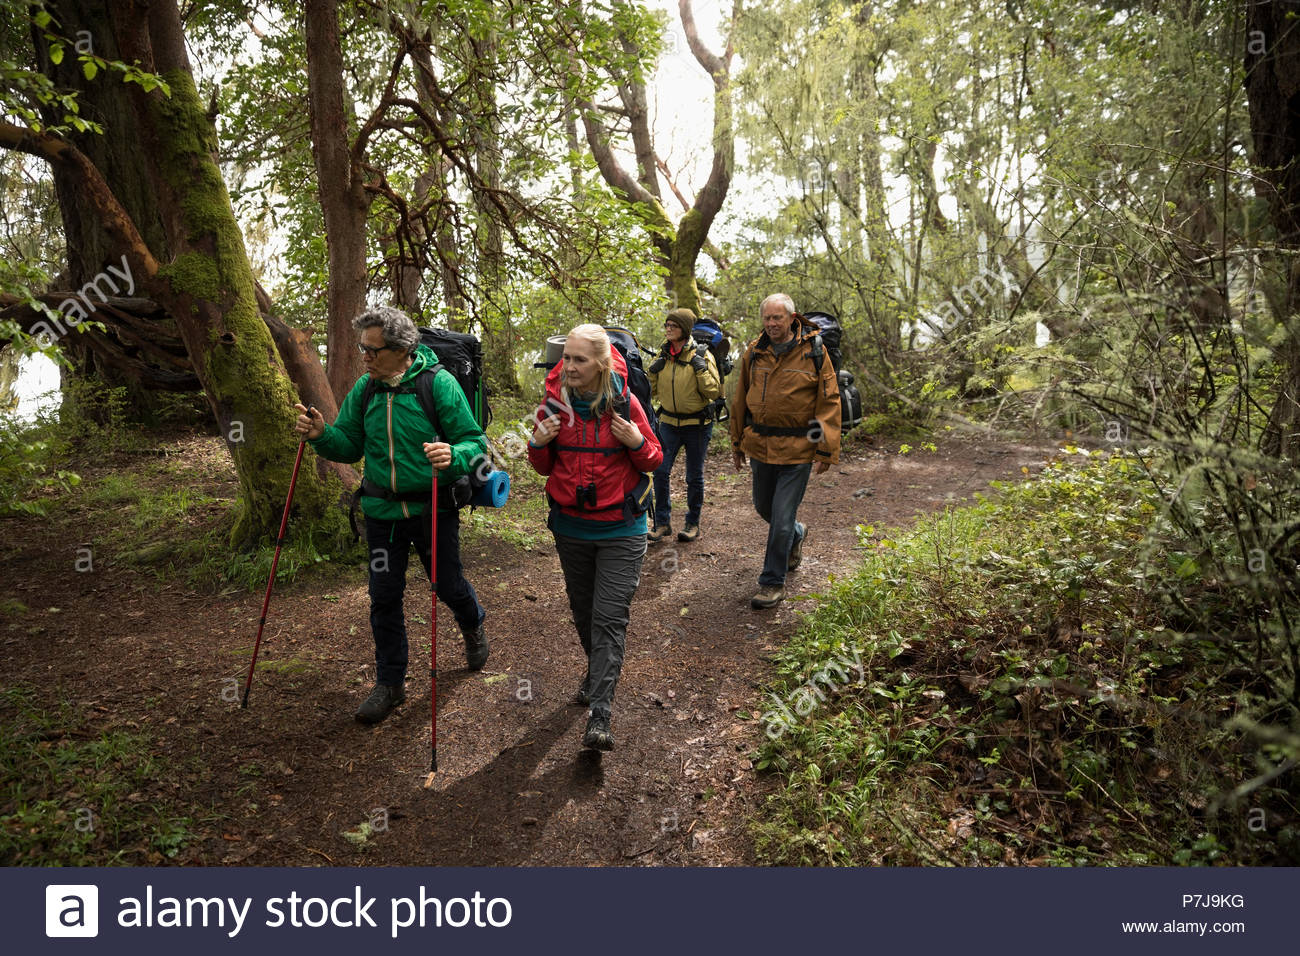 Senior activo amigo excursionistas caminatas en el bosque Imagen De Stock